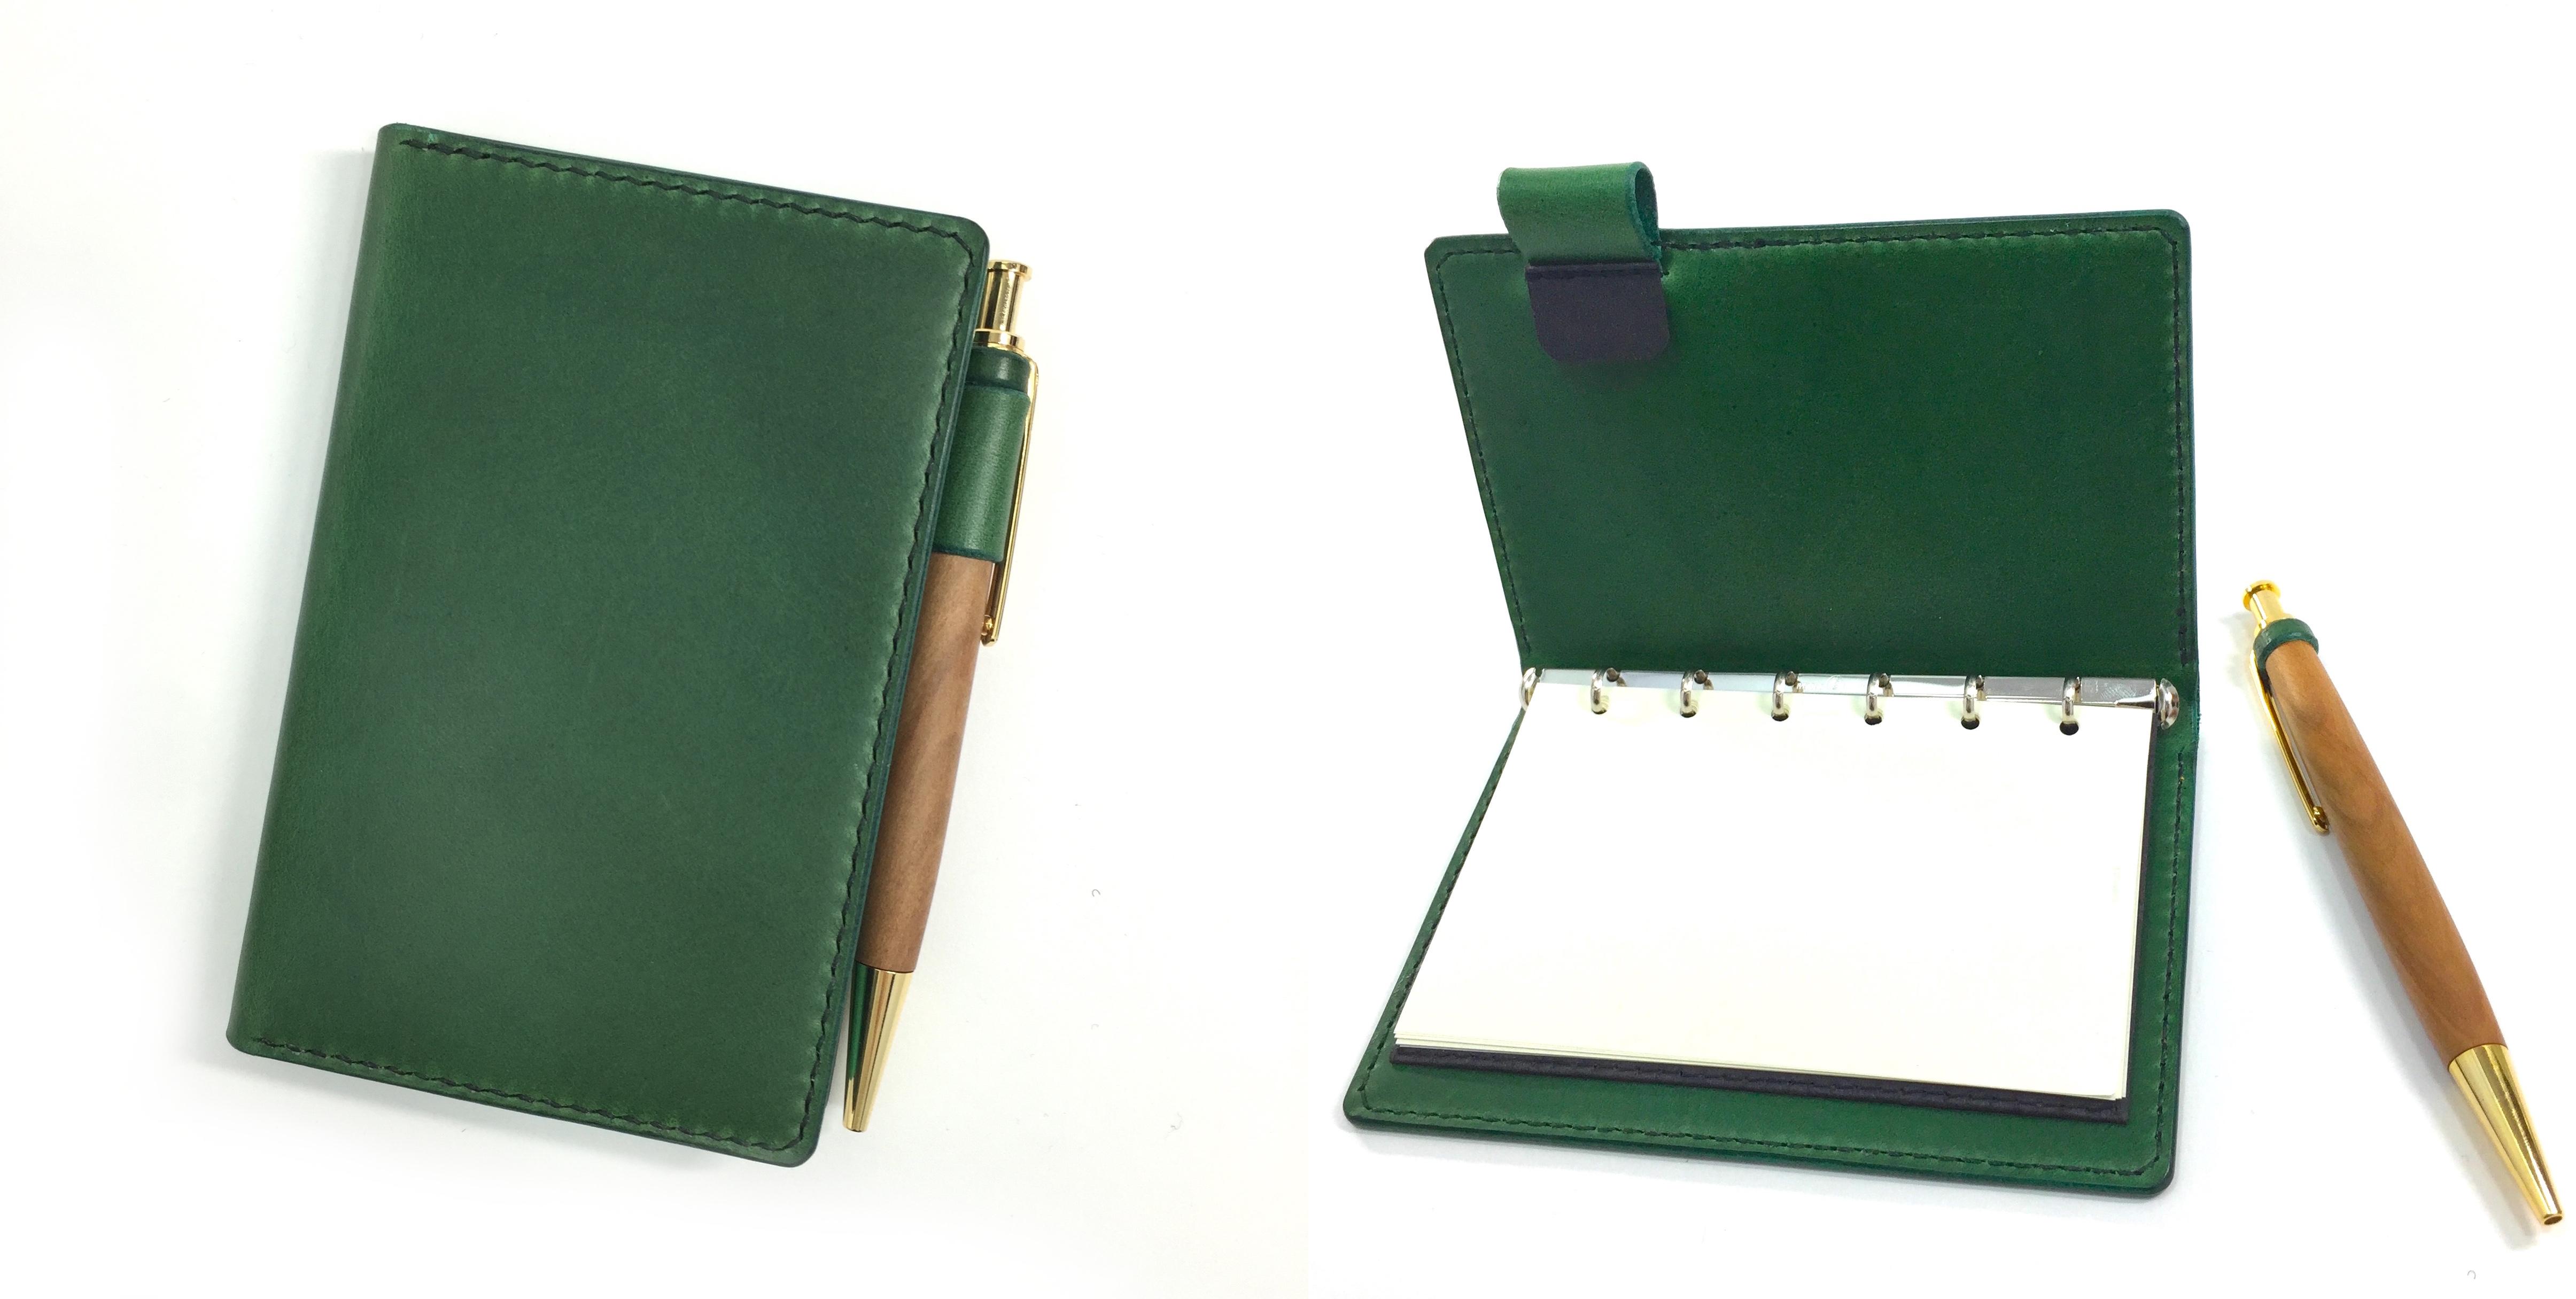 システム手帳ミニ6穴のデザイン